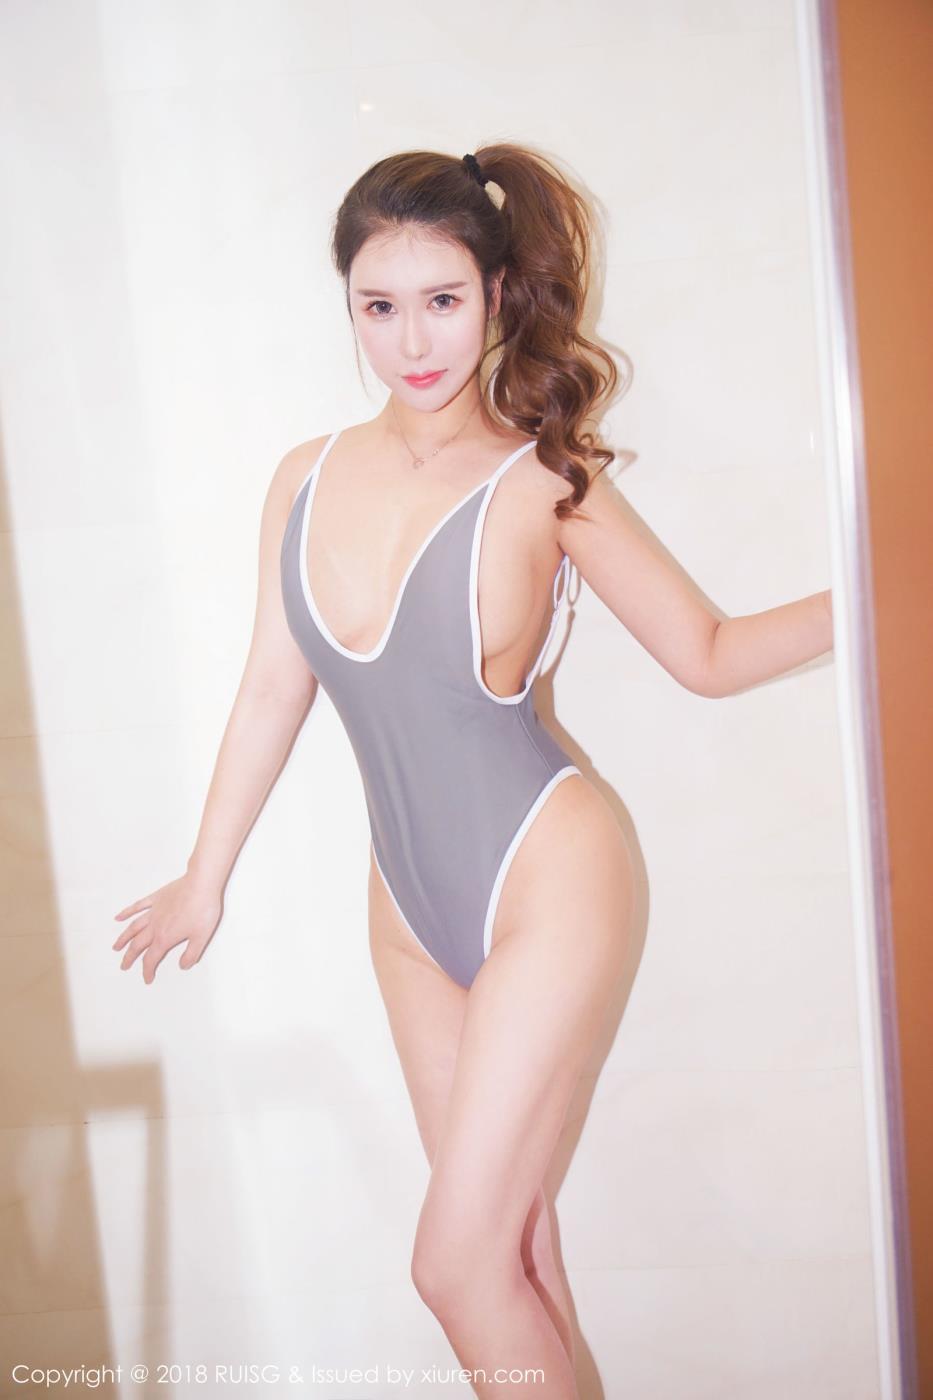 瑞丝馆美女模特尤妮丝内衣诱惑超性感写真套图